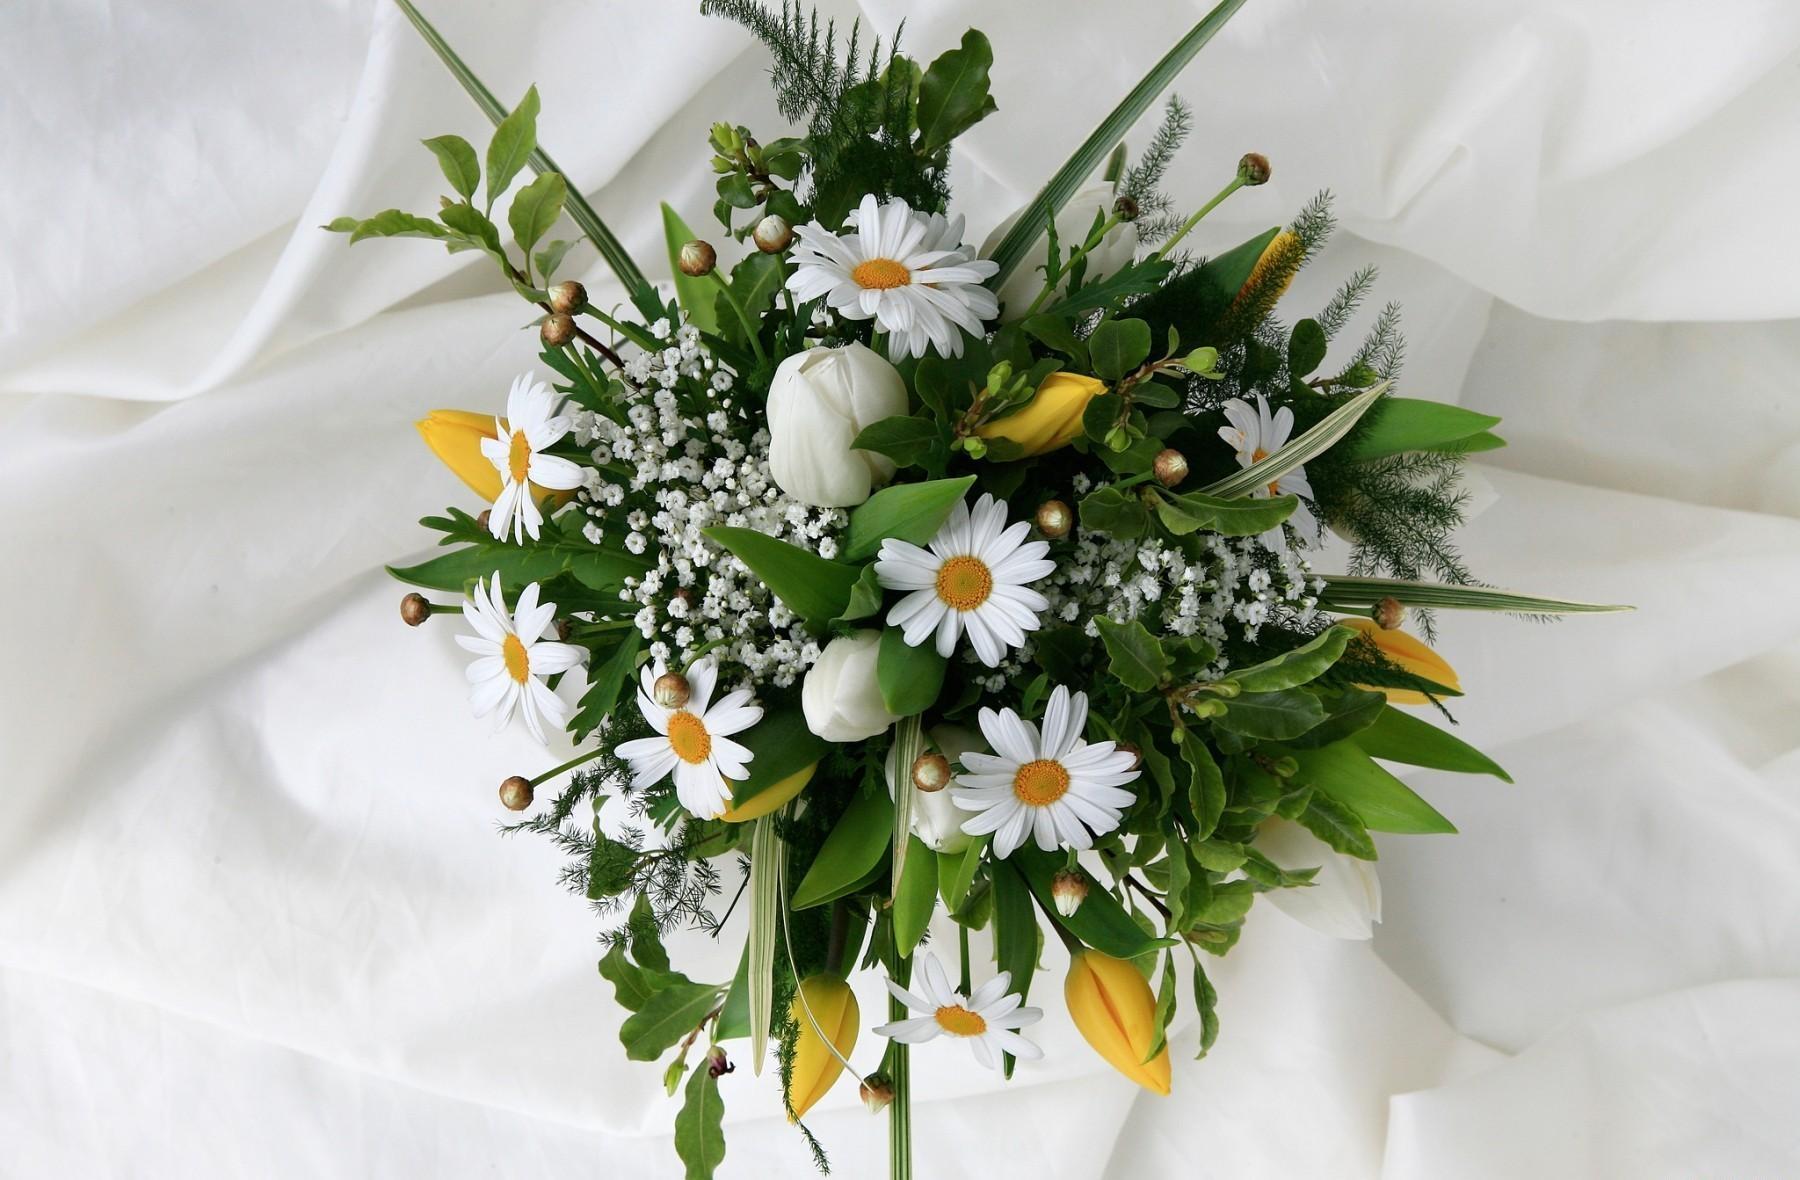 90778 скачать обои Ромашки, Тюльпаны, Цветы, Оформление, Букет, Гипсофил, Нежность - заставки и картинки бесплатно